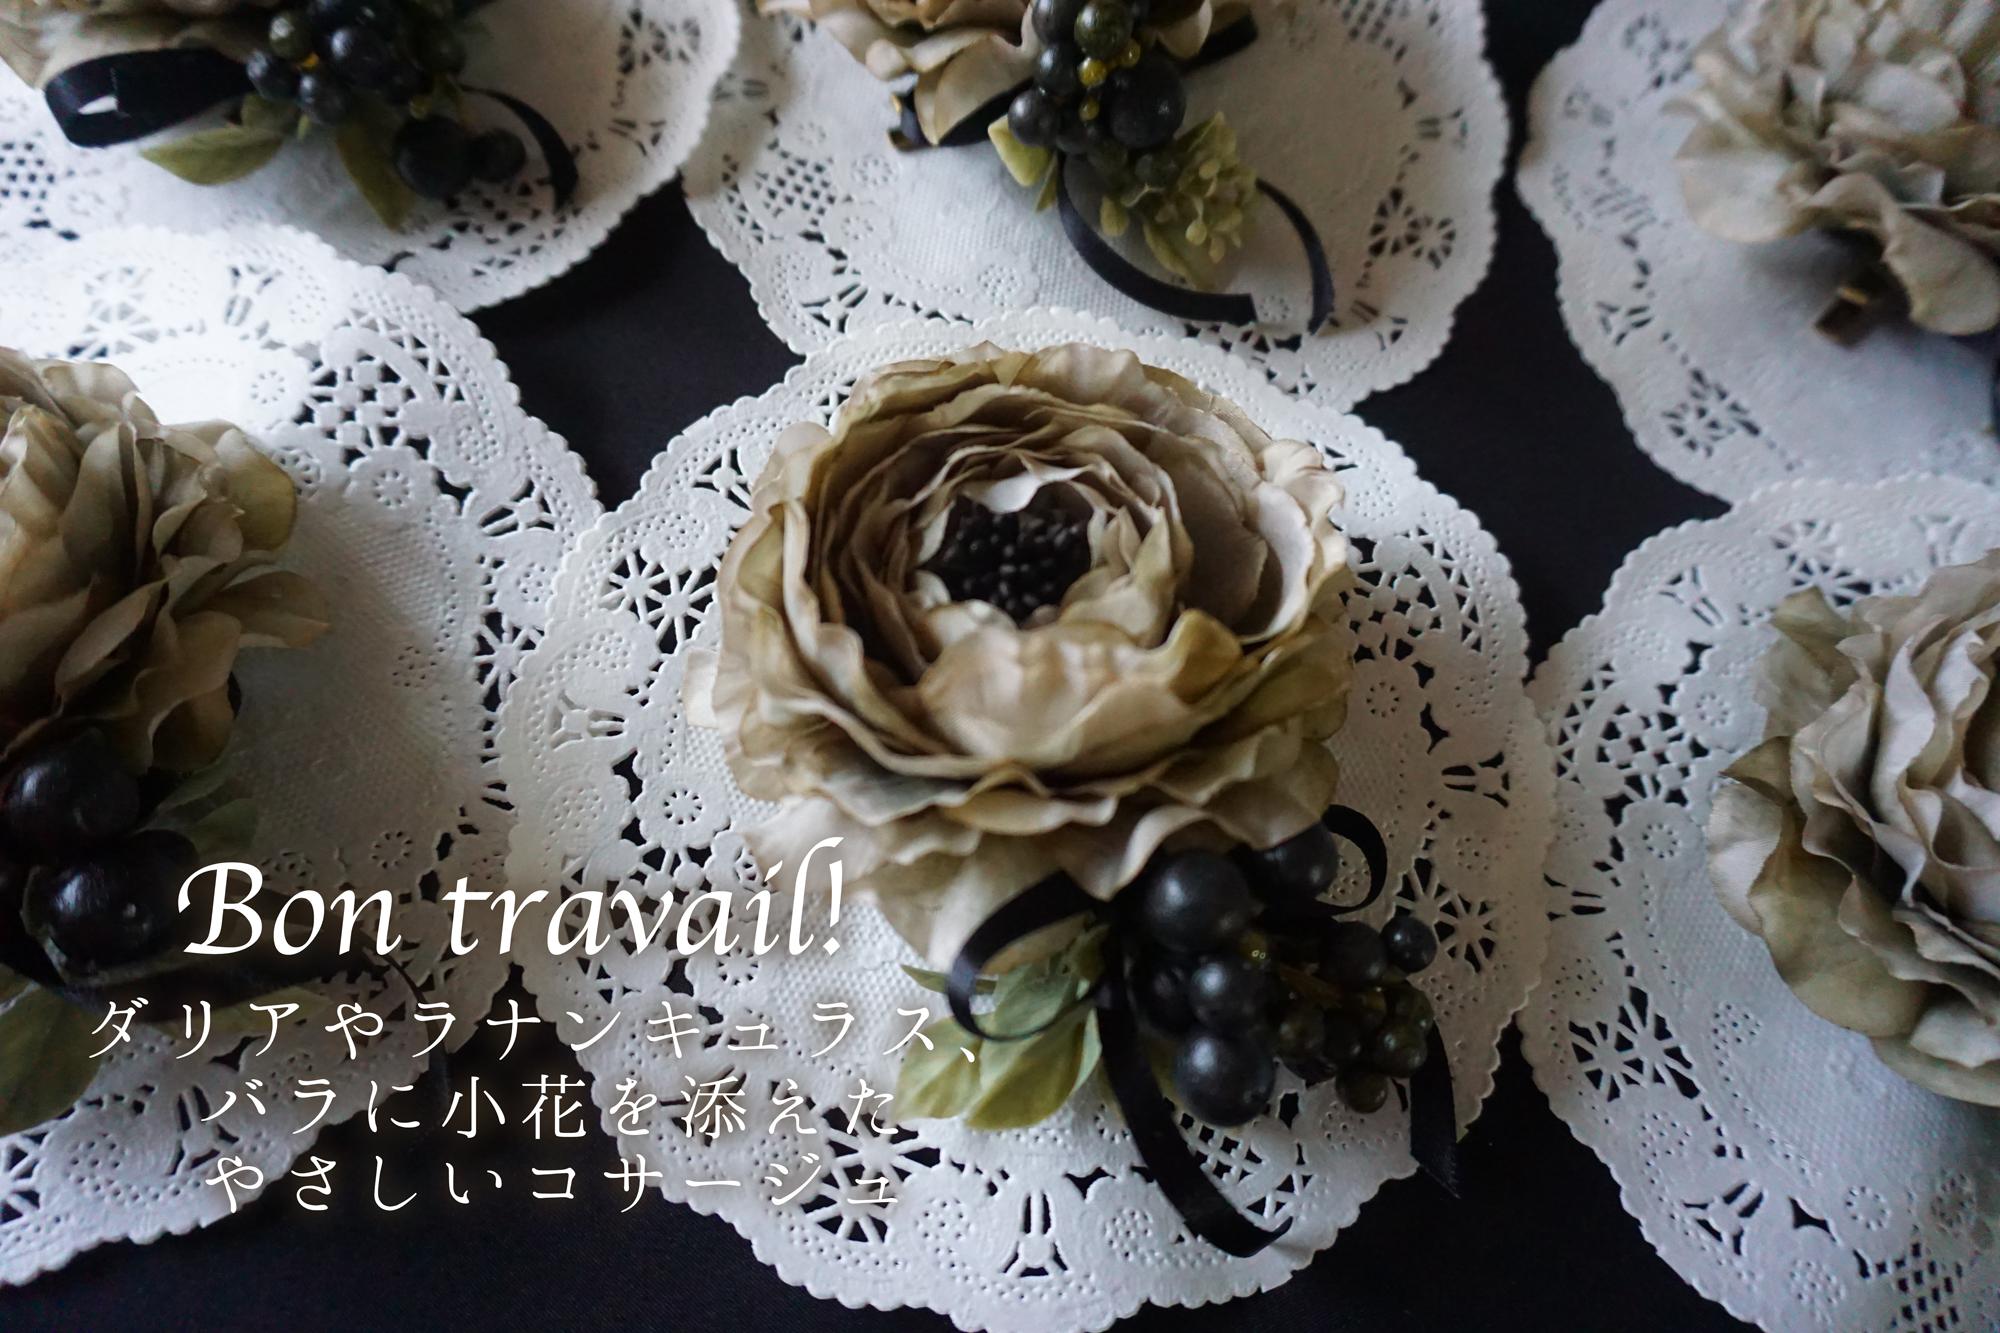 ダリアやラナンキュラス、バラに小花を添えたやさしいコサージュ